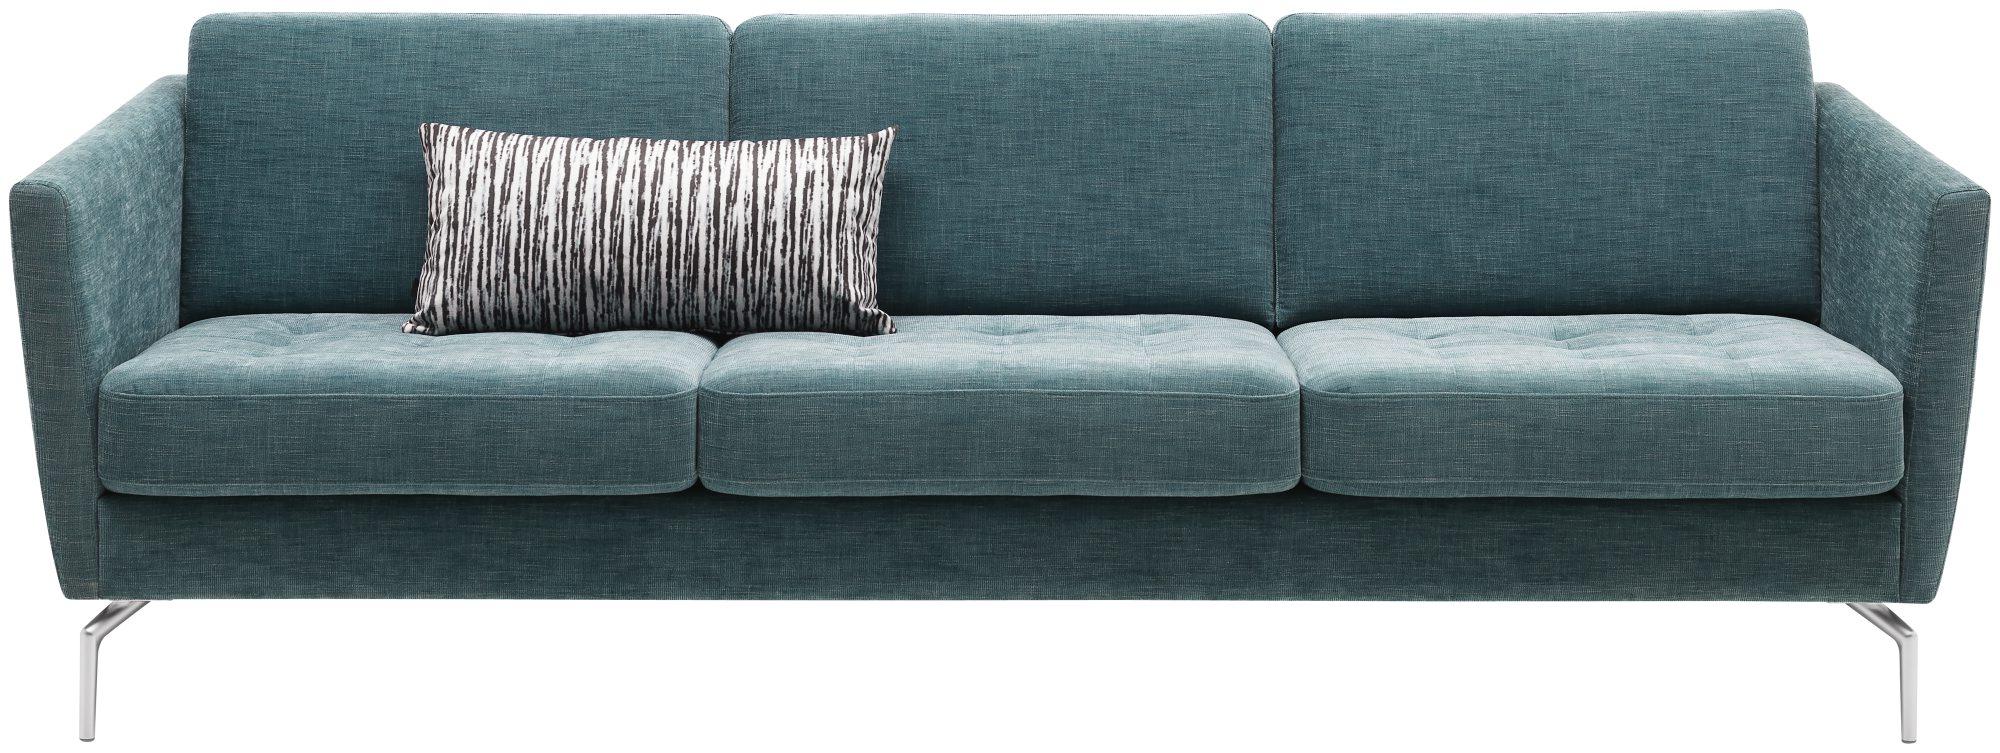 her kan du spare mer enn 35 000 kroner rom123. Black Bedroom Furniture Sets. Home Design Ideas